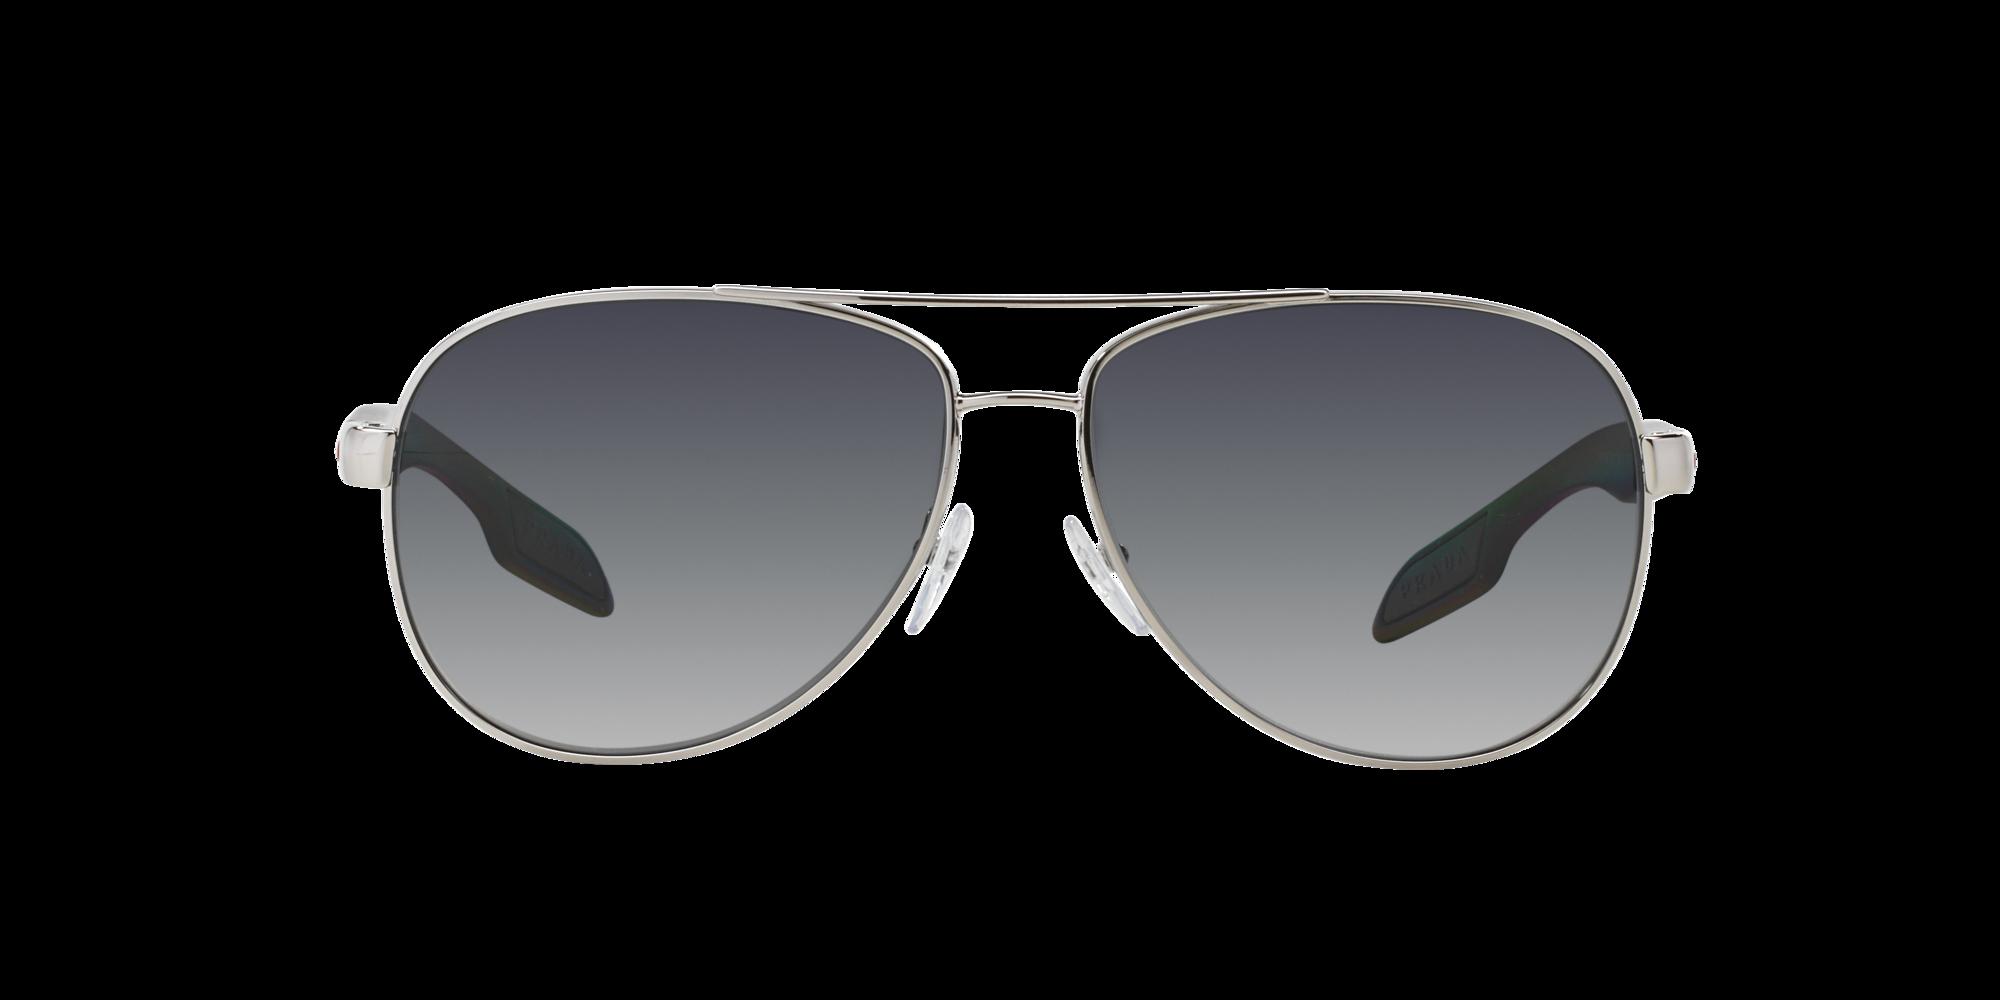 Imagen para PS 53PS 62 LIFESTYLE de LensCrafters |  Espejuelos, espejuelos graduados en línea, gafas